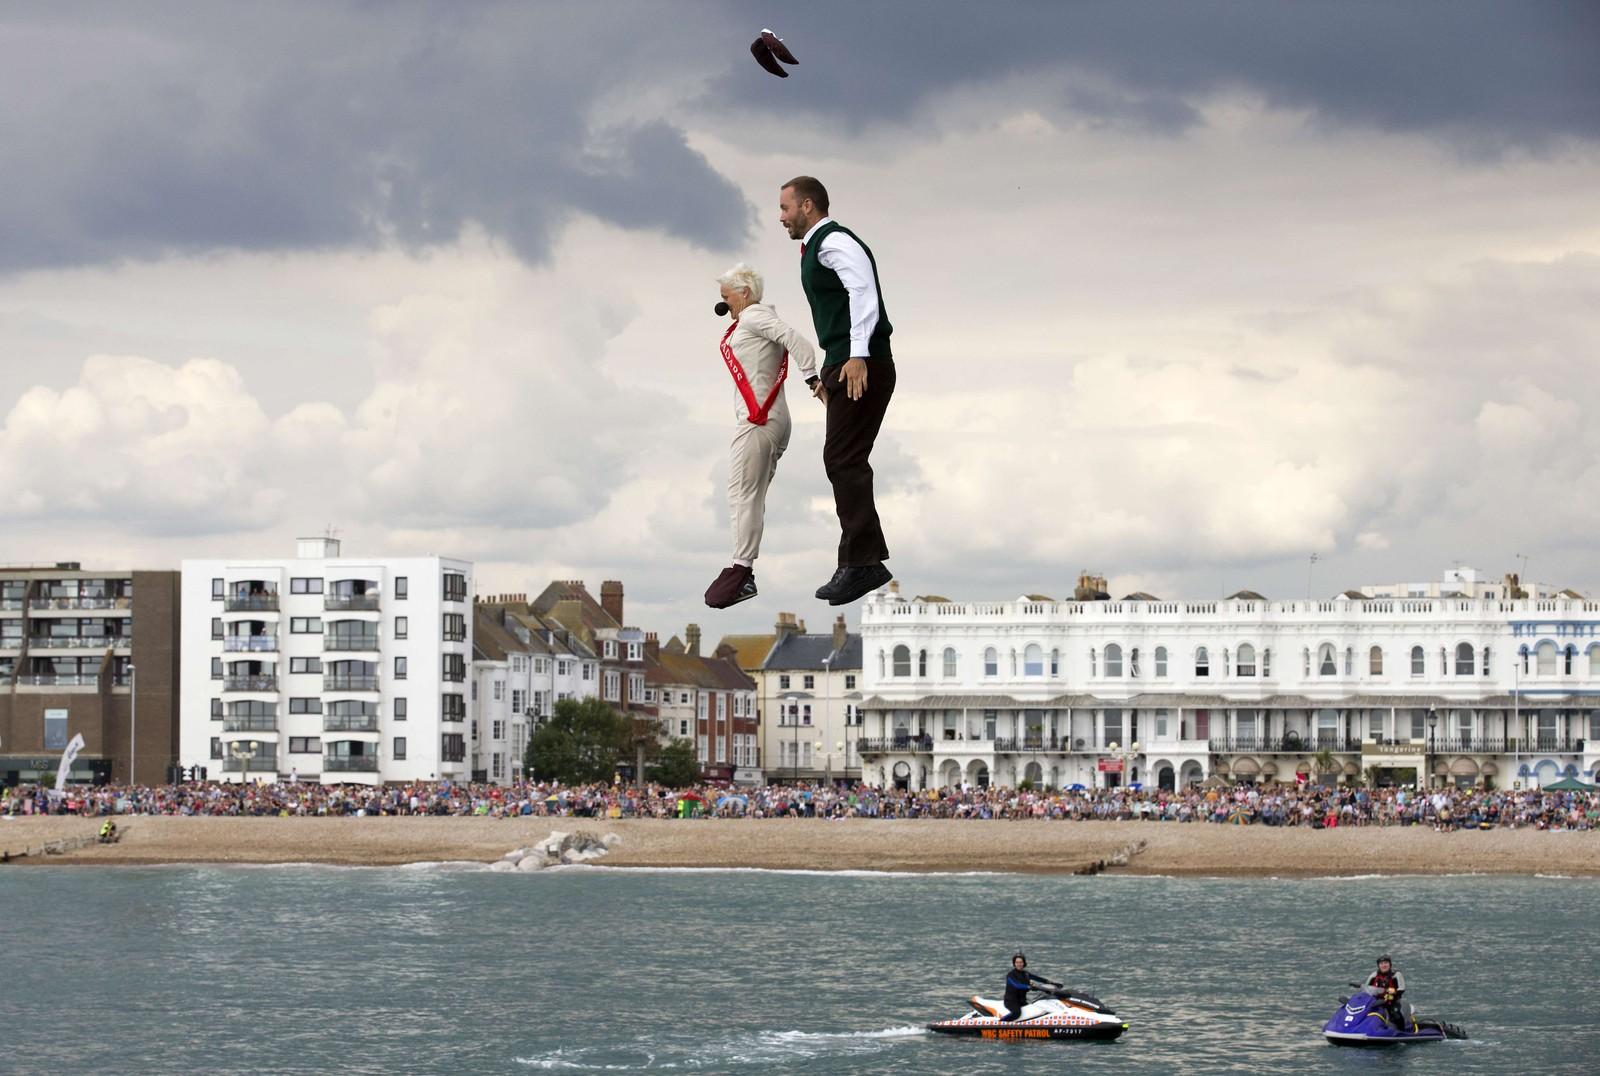 """Dette paret deltok i den årlige """"Birdman""""-konkurransen i West Sussex, England. Deltakerne konkurrerer med diverse menneskedrevne, luftige farkoster over vann."""